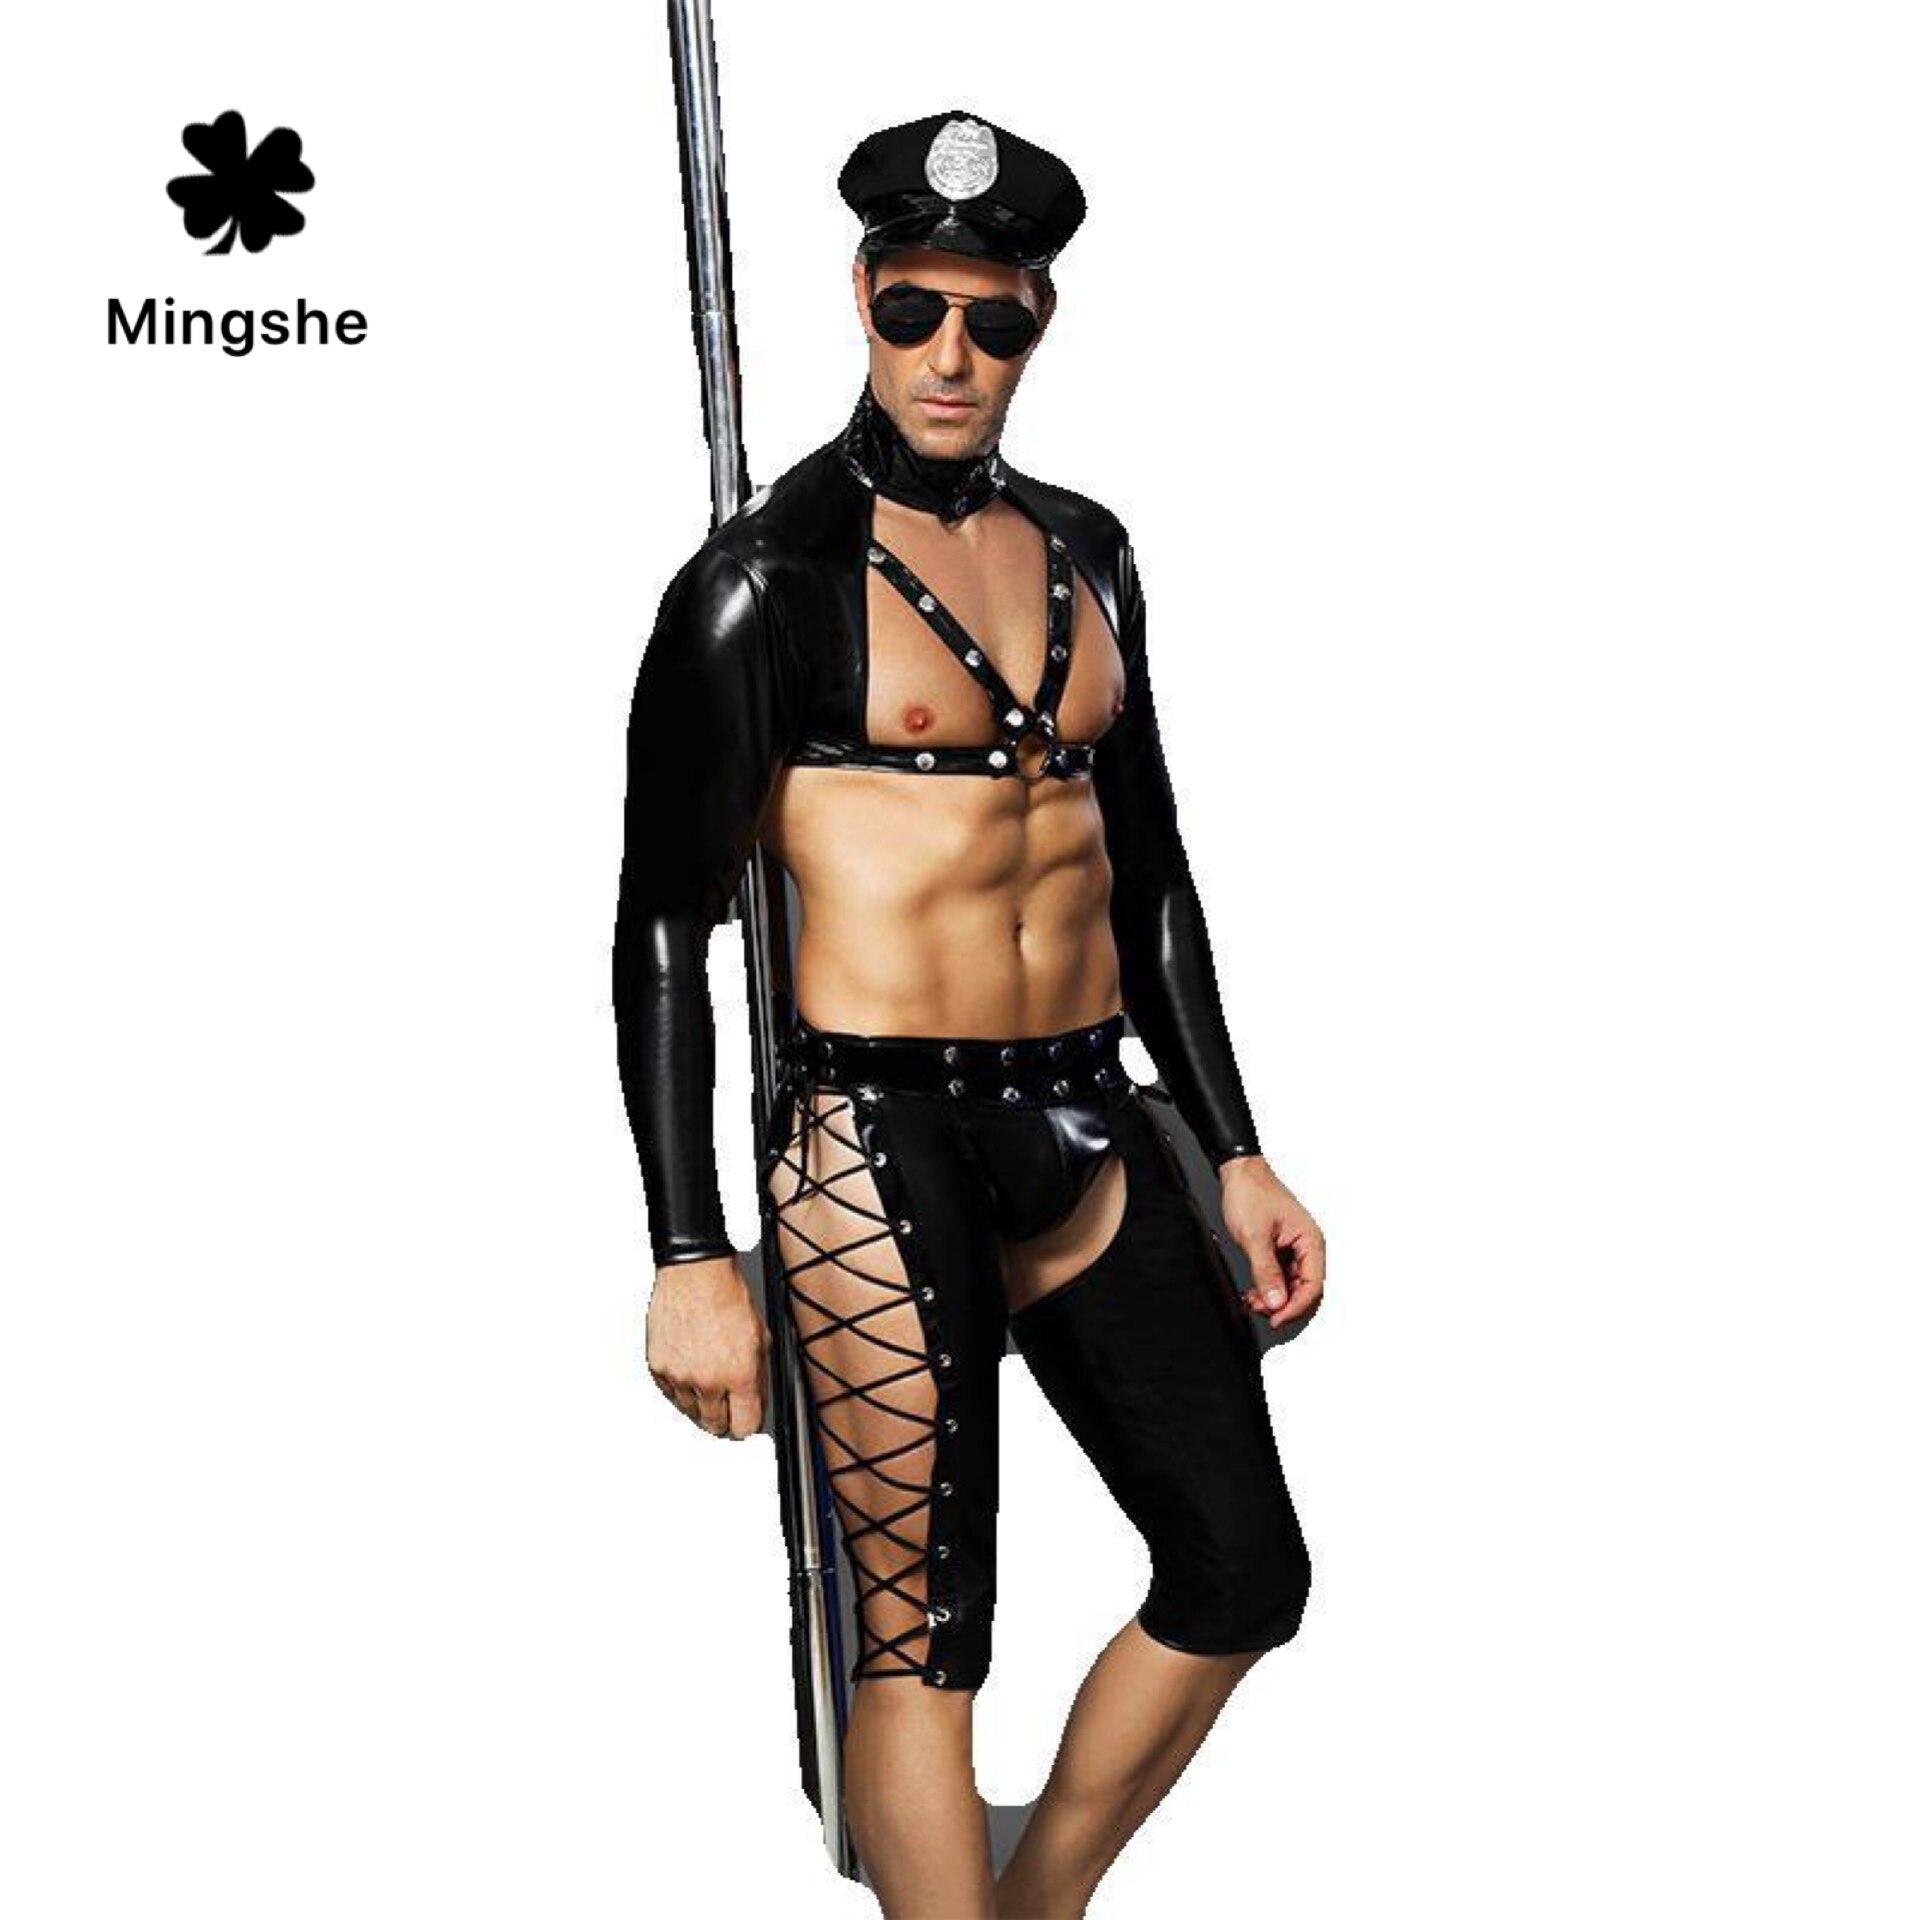 MS, мужской сексуальный комплект нижнего белья, черное сексуальное нижнее белье для мужчин, одежда для выступлений, индивидуальная